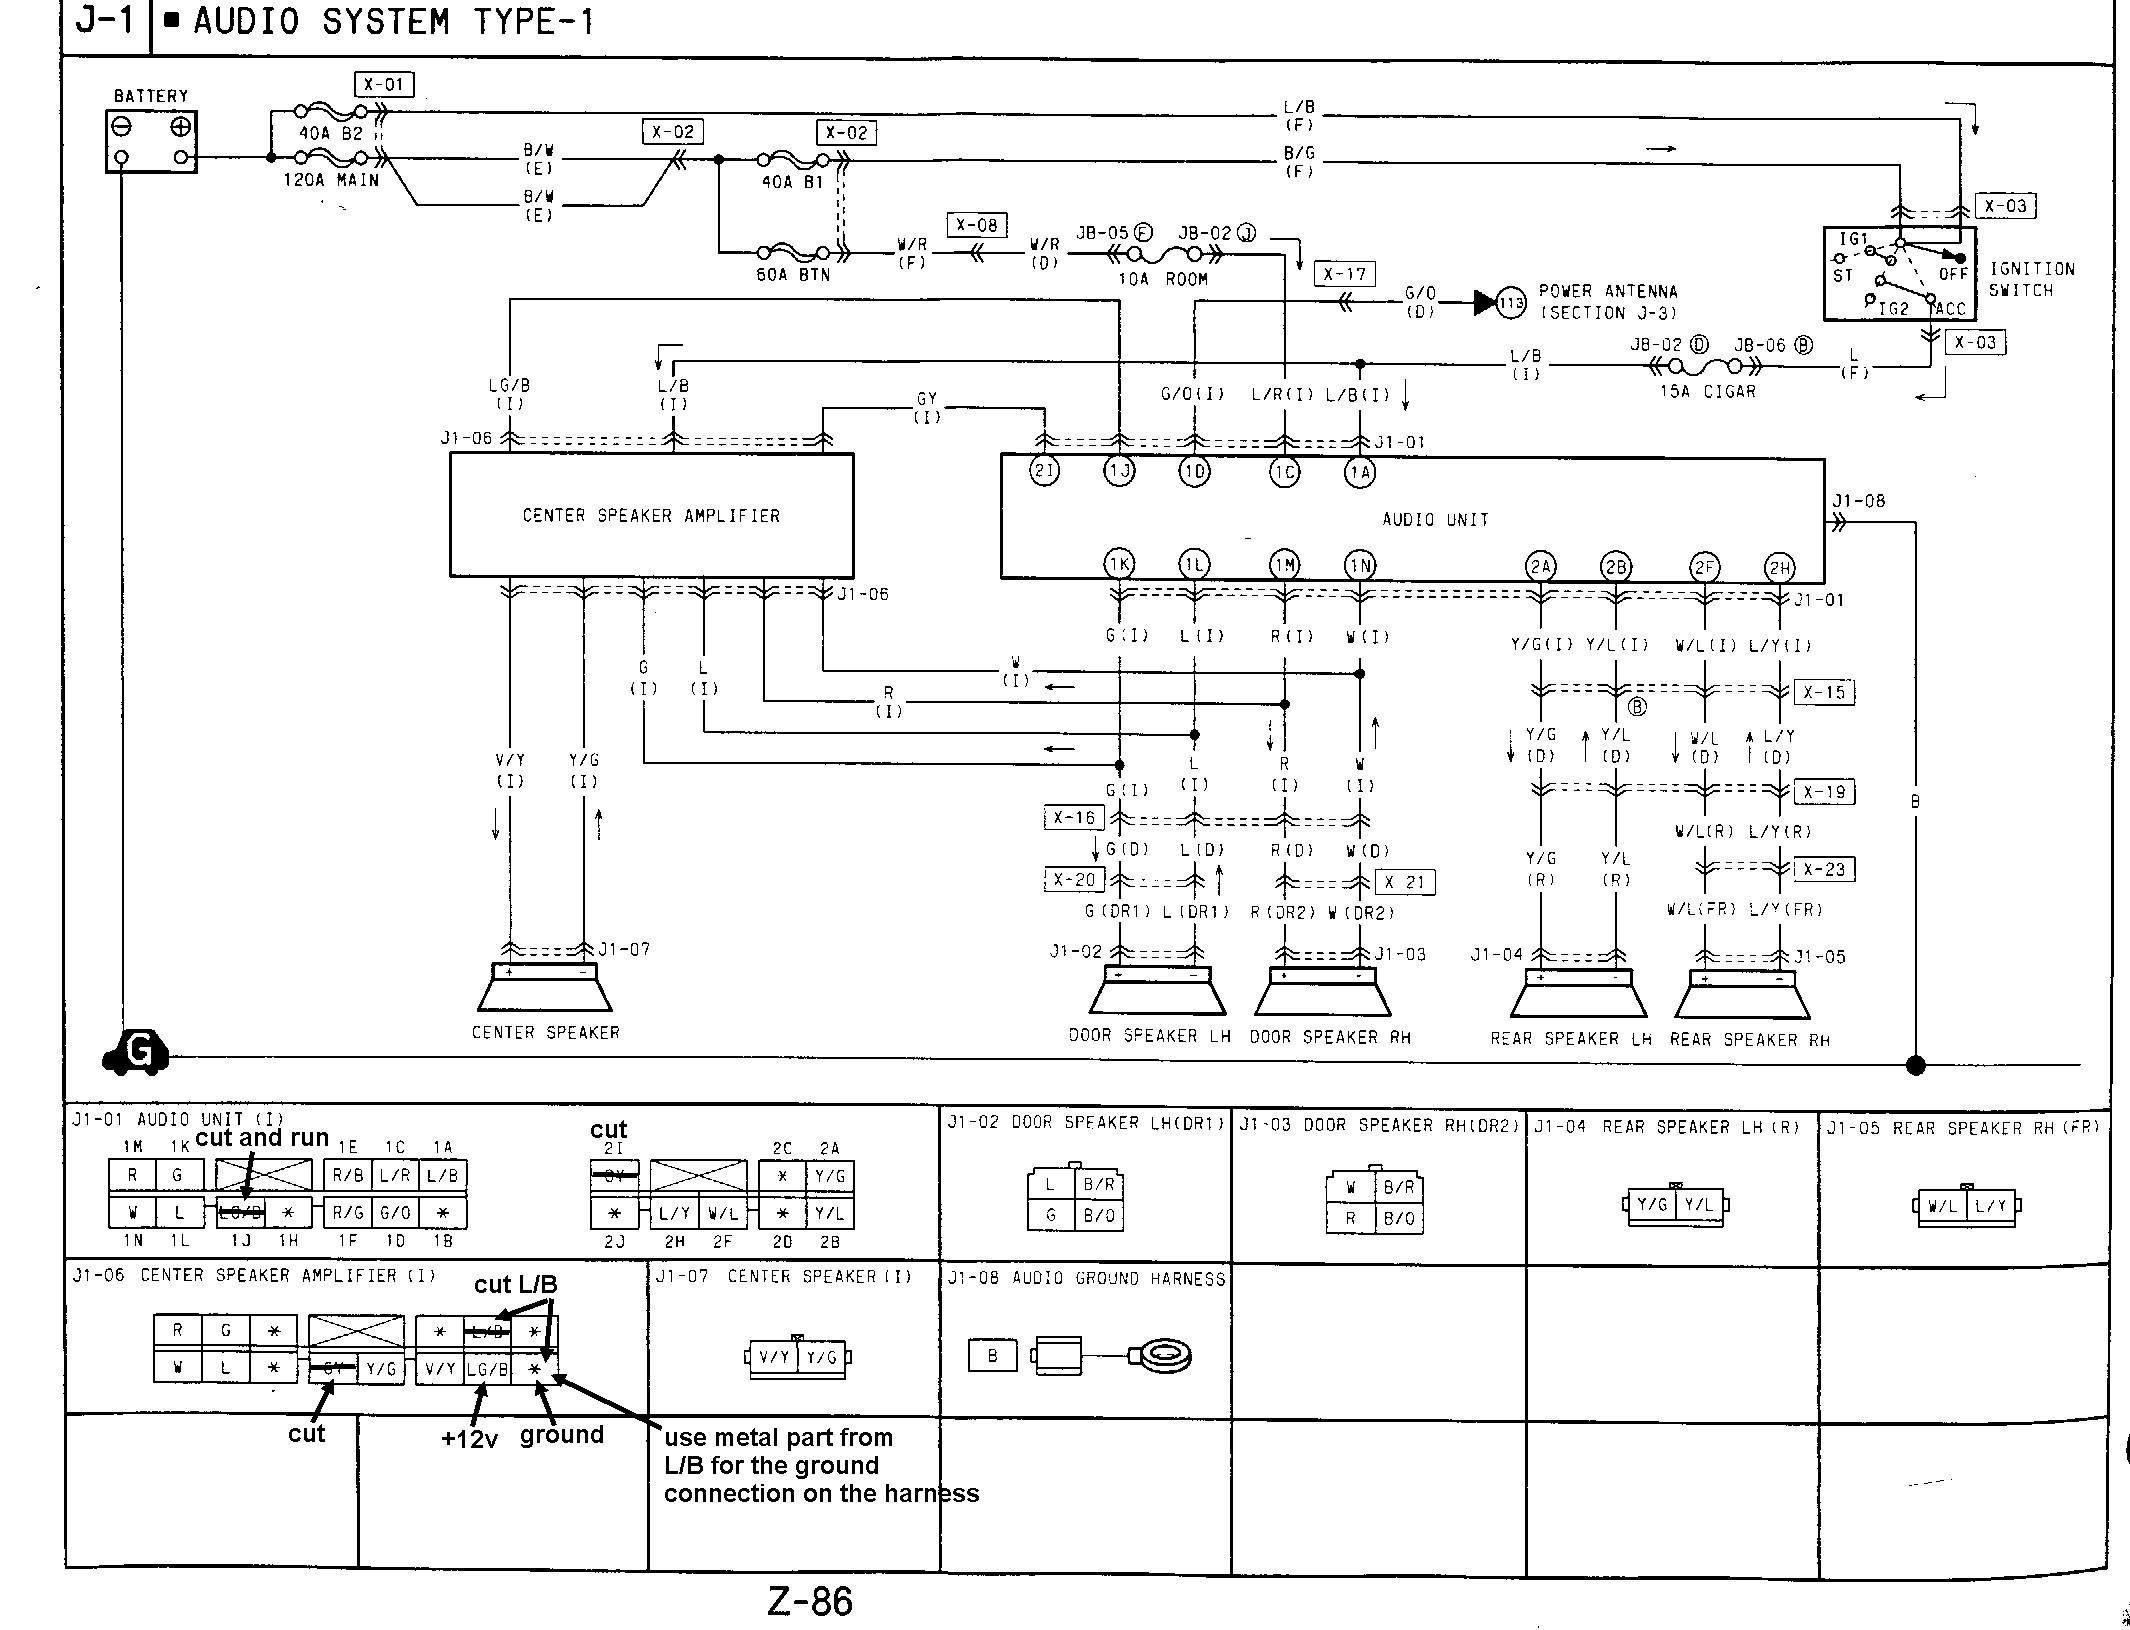 Bose Car Amplifier Wiring Diagram Infiniti M37 Wiring Diagram Bose Wiring Diagram Database Of Bose Car Amplifier Wiring Diagram